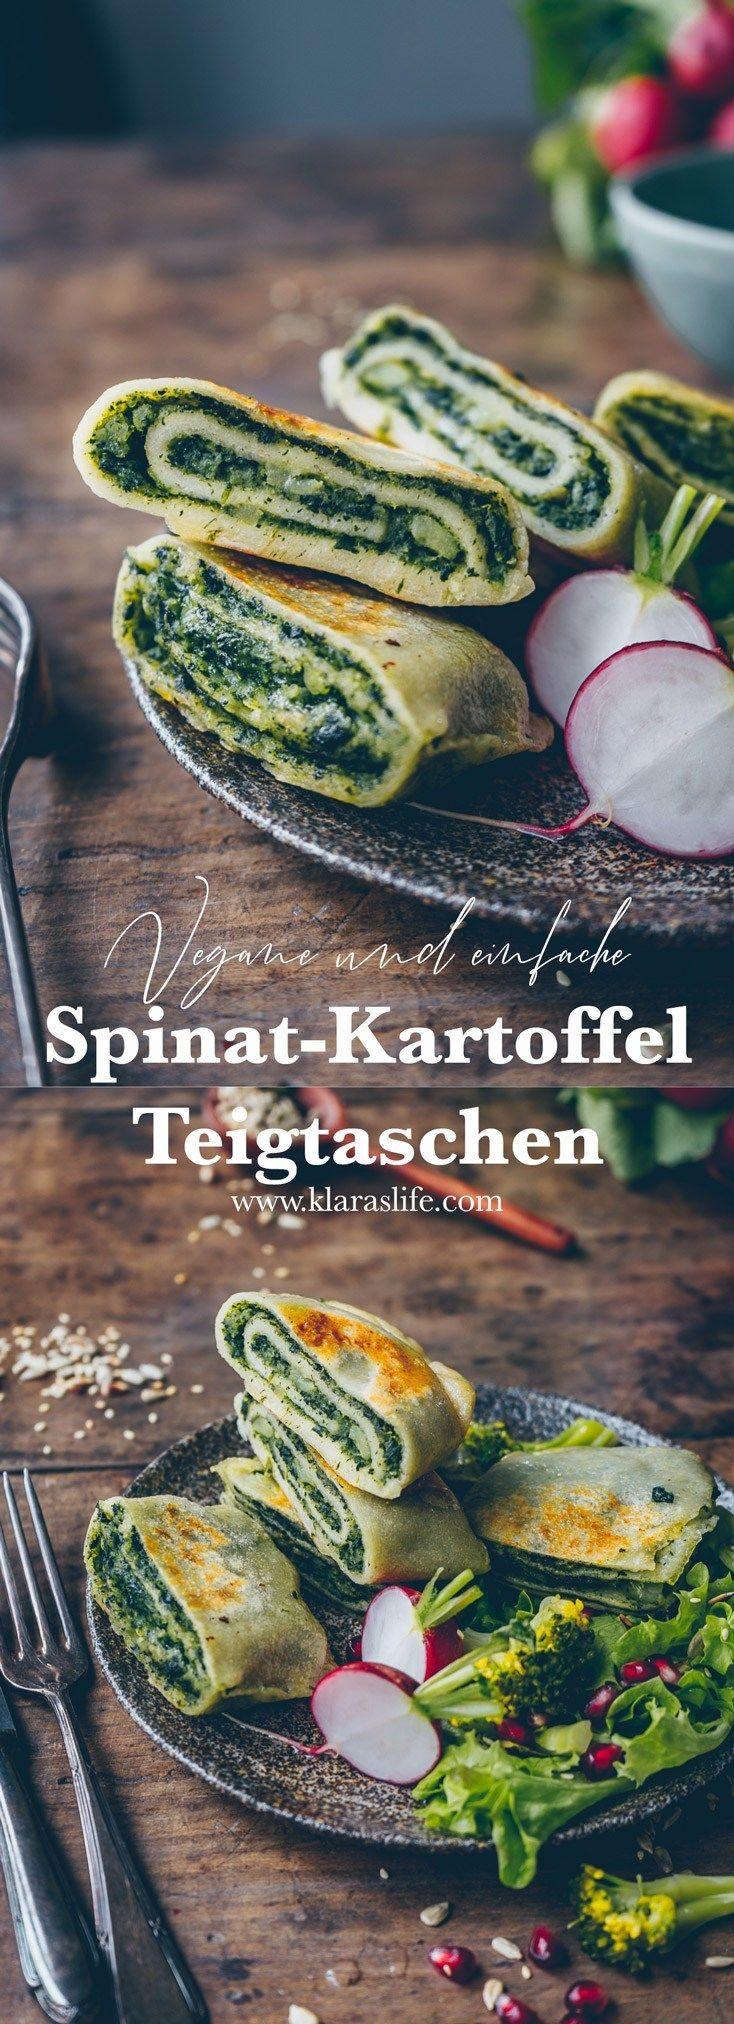 Spinat-Kartoffel-Teigtaschen (Maultaschen) - Klara`s Life